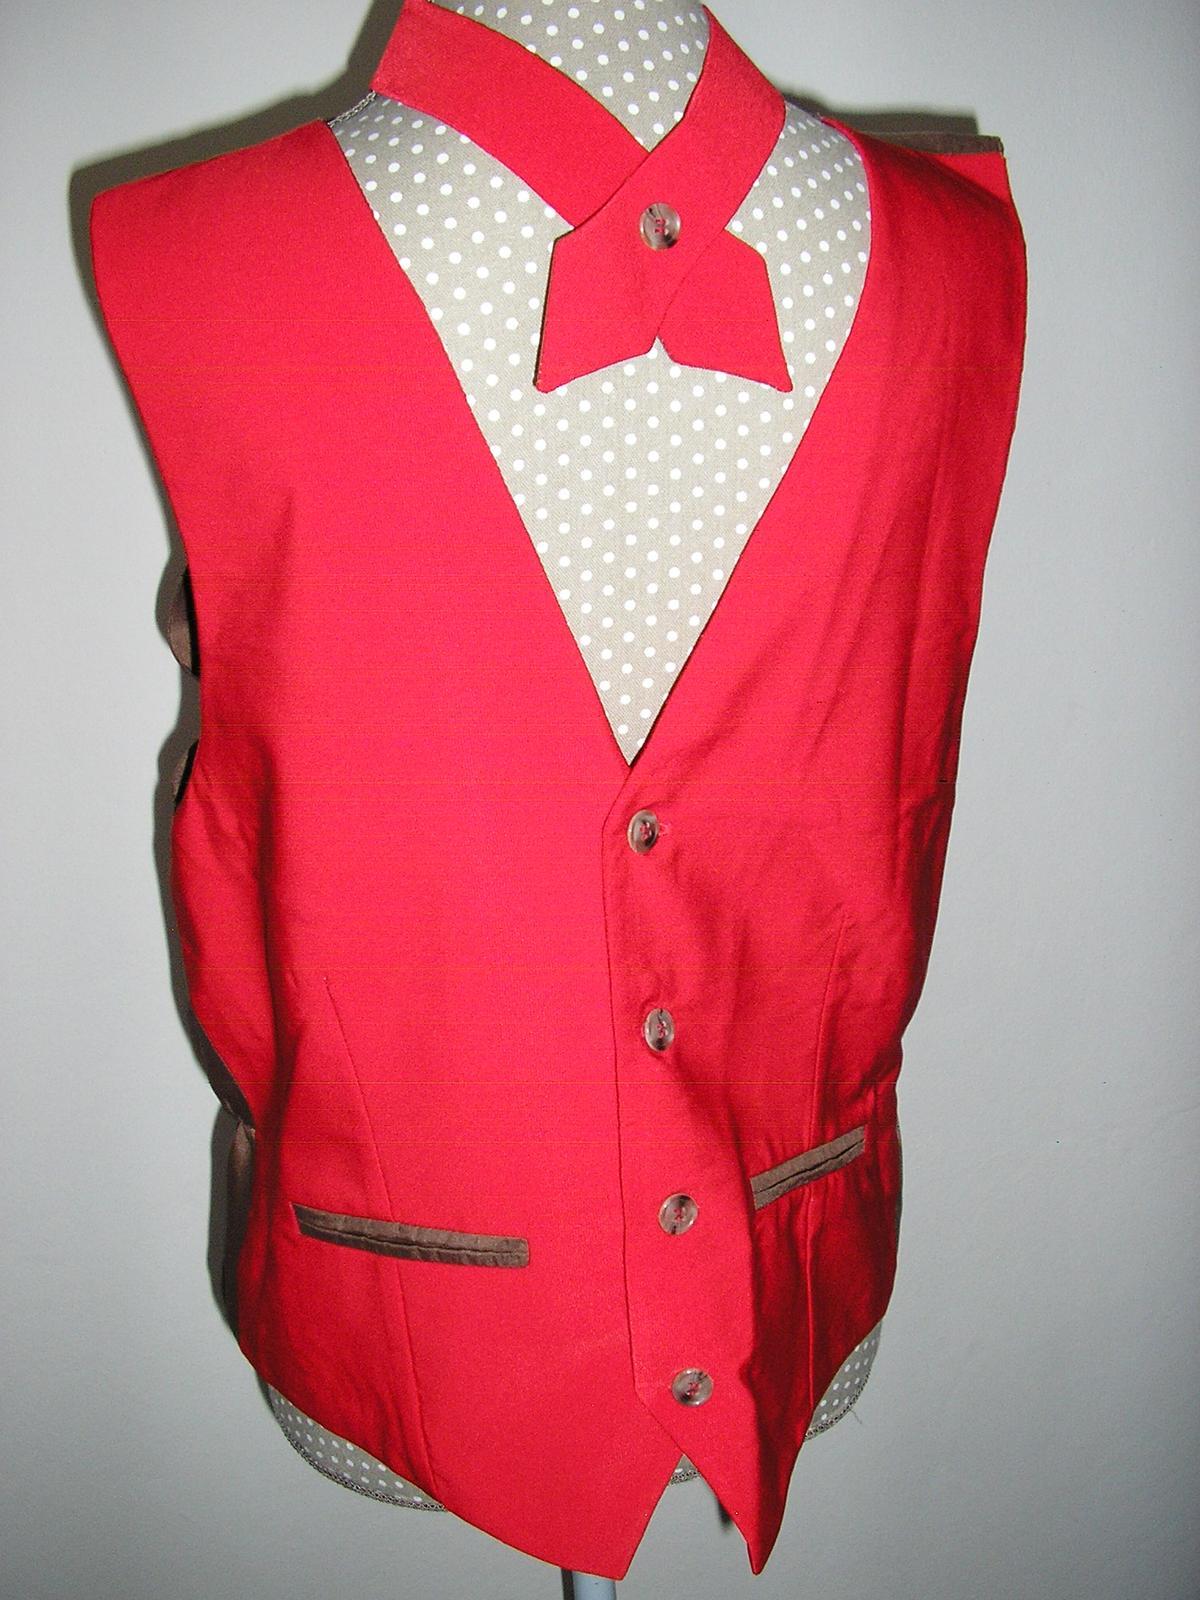 960. Popolnocna pánska vesta s kravatou  - Obrázok č. 1